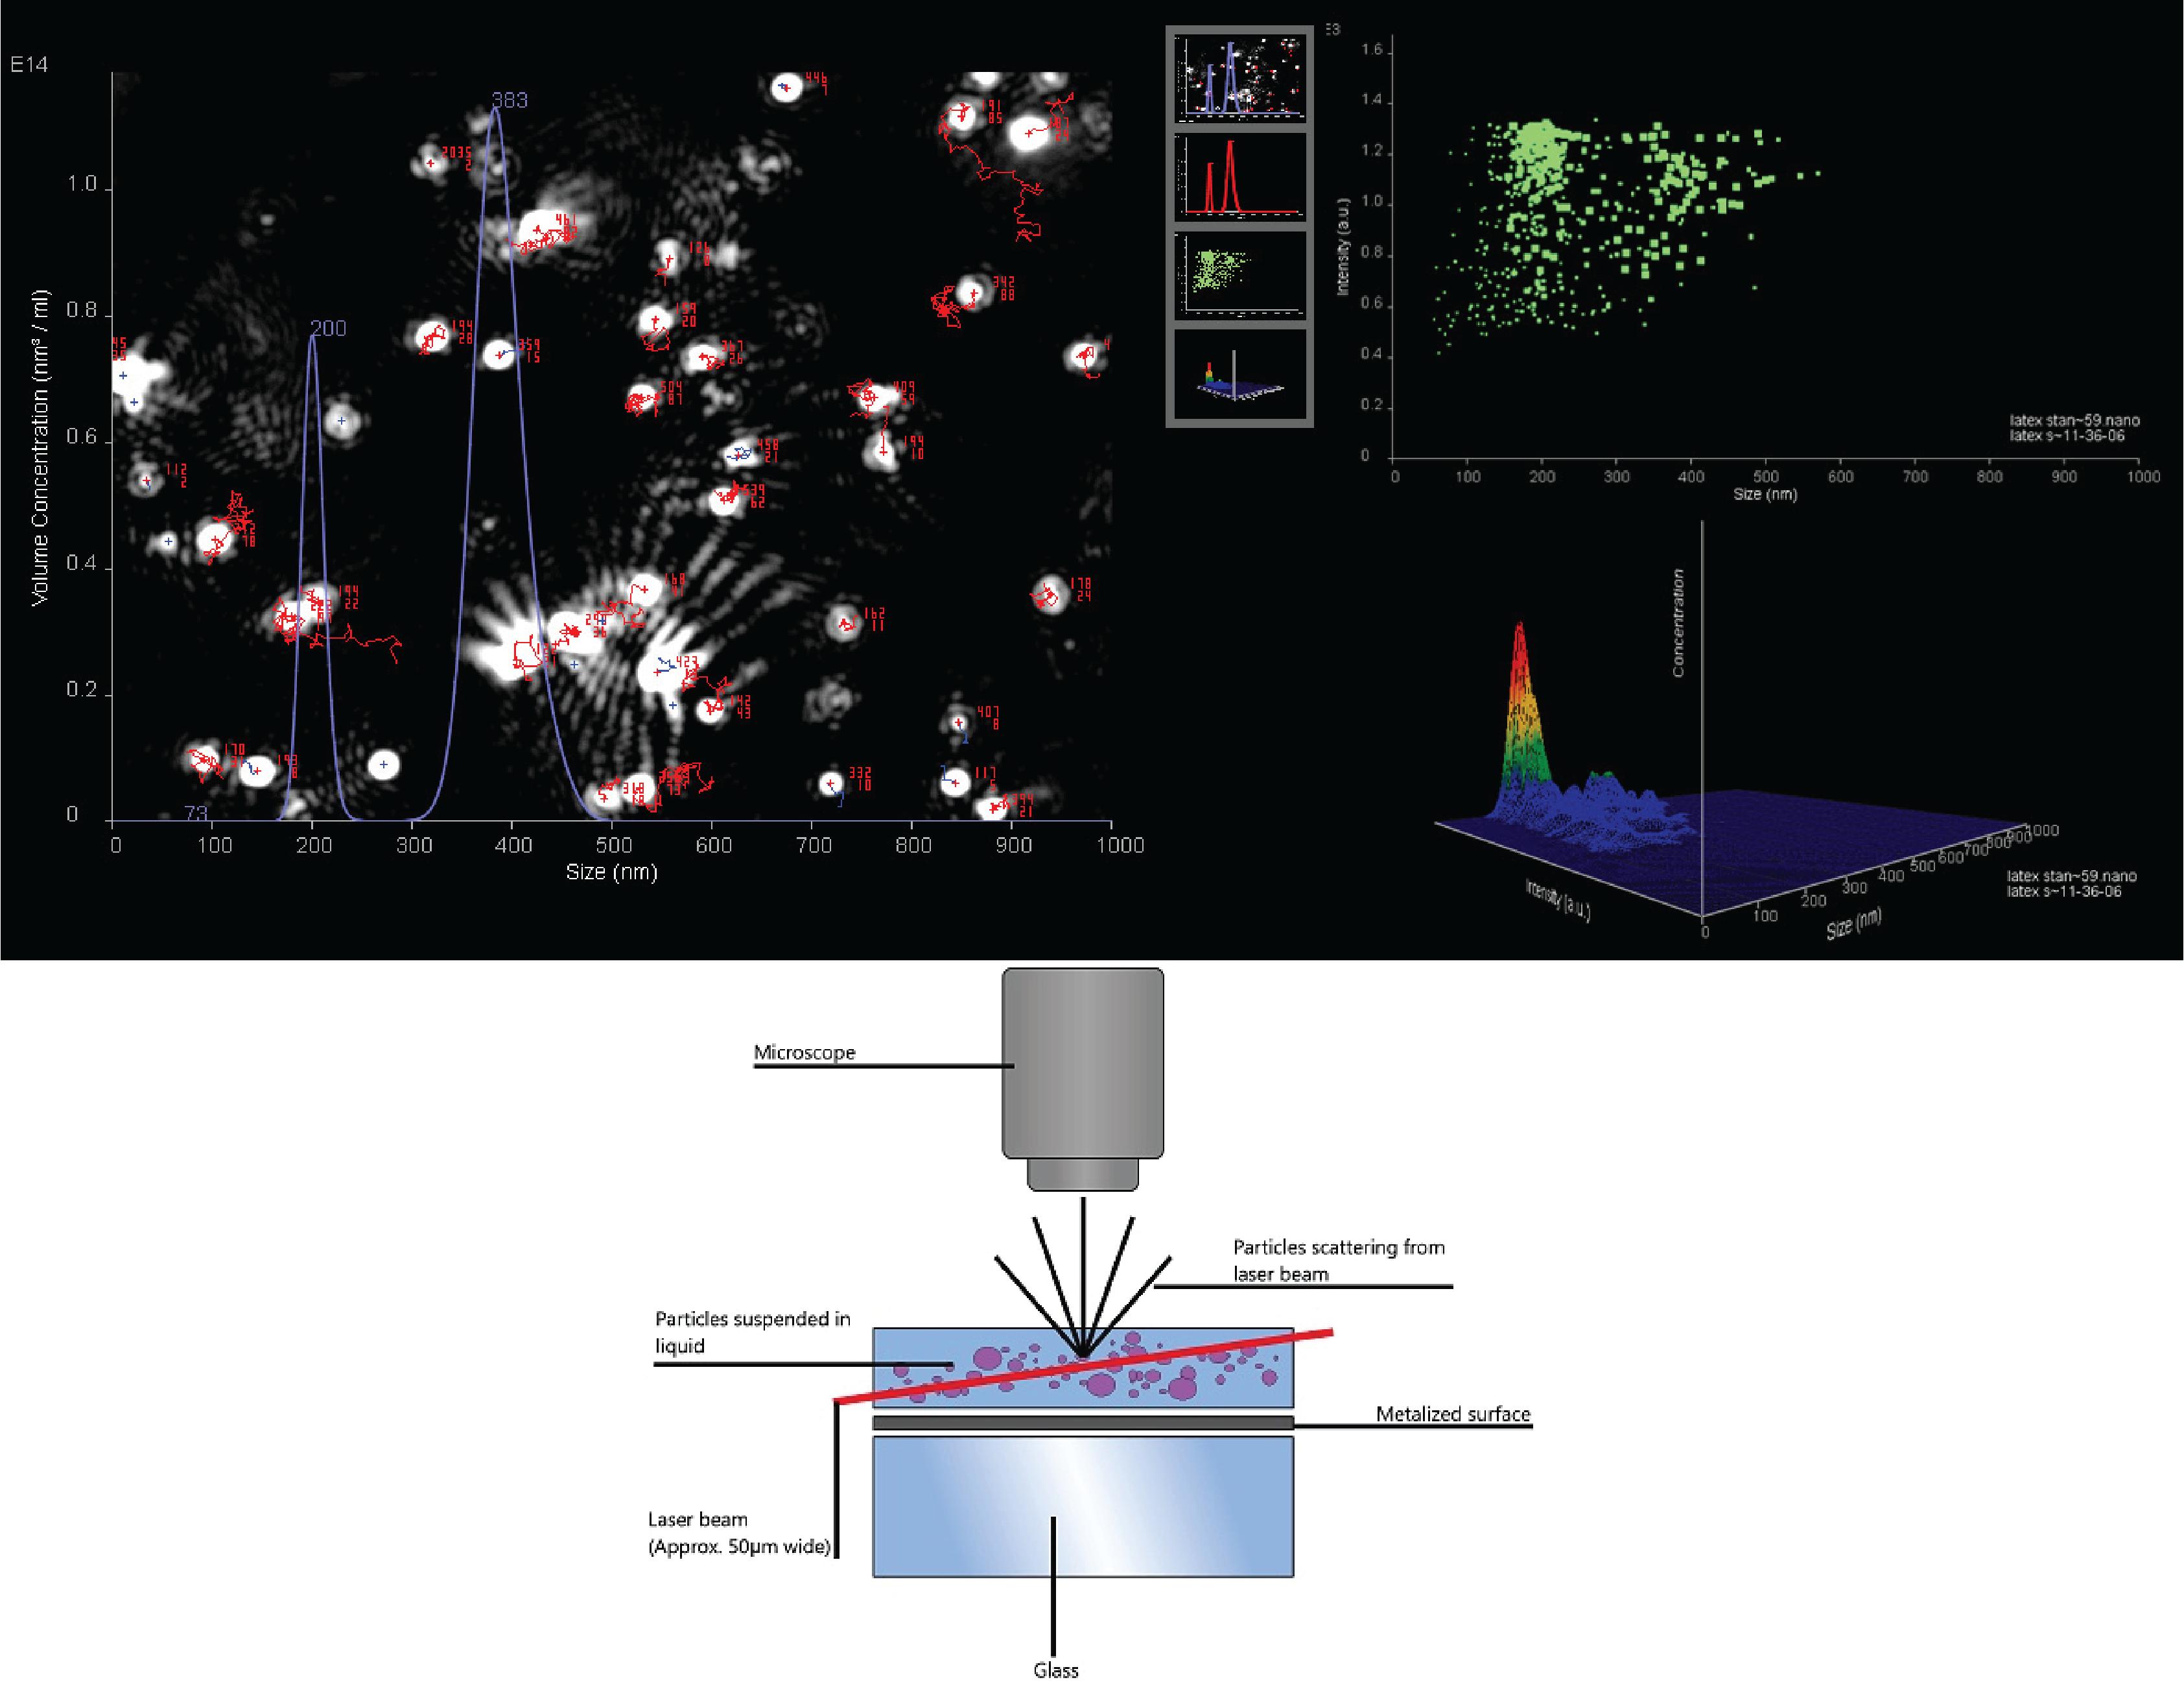 Gráficos resultantes do equipamento nanosight - Técnica NTA